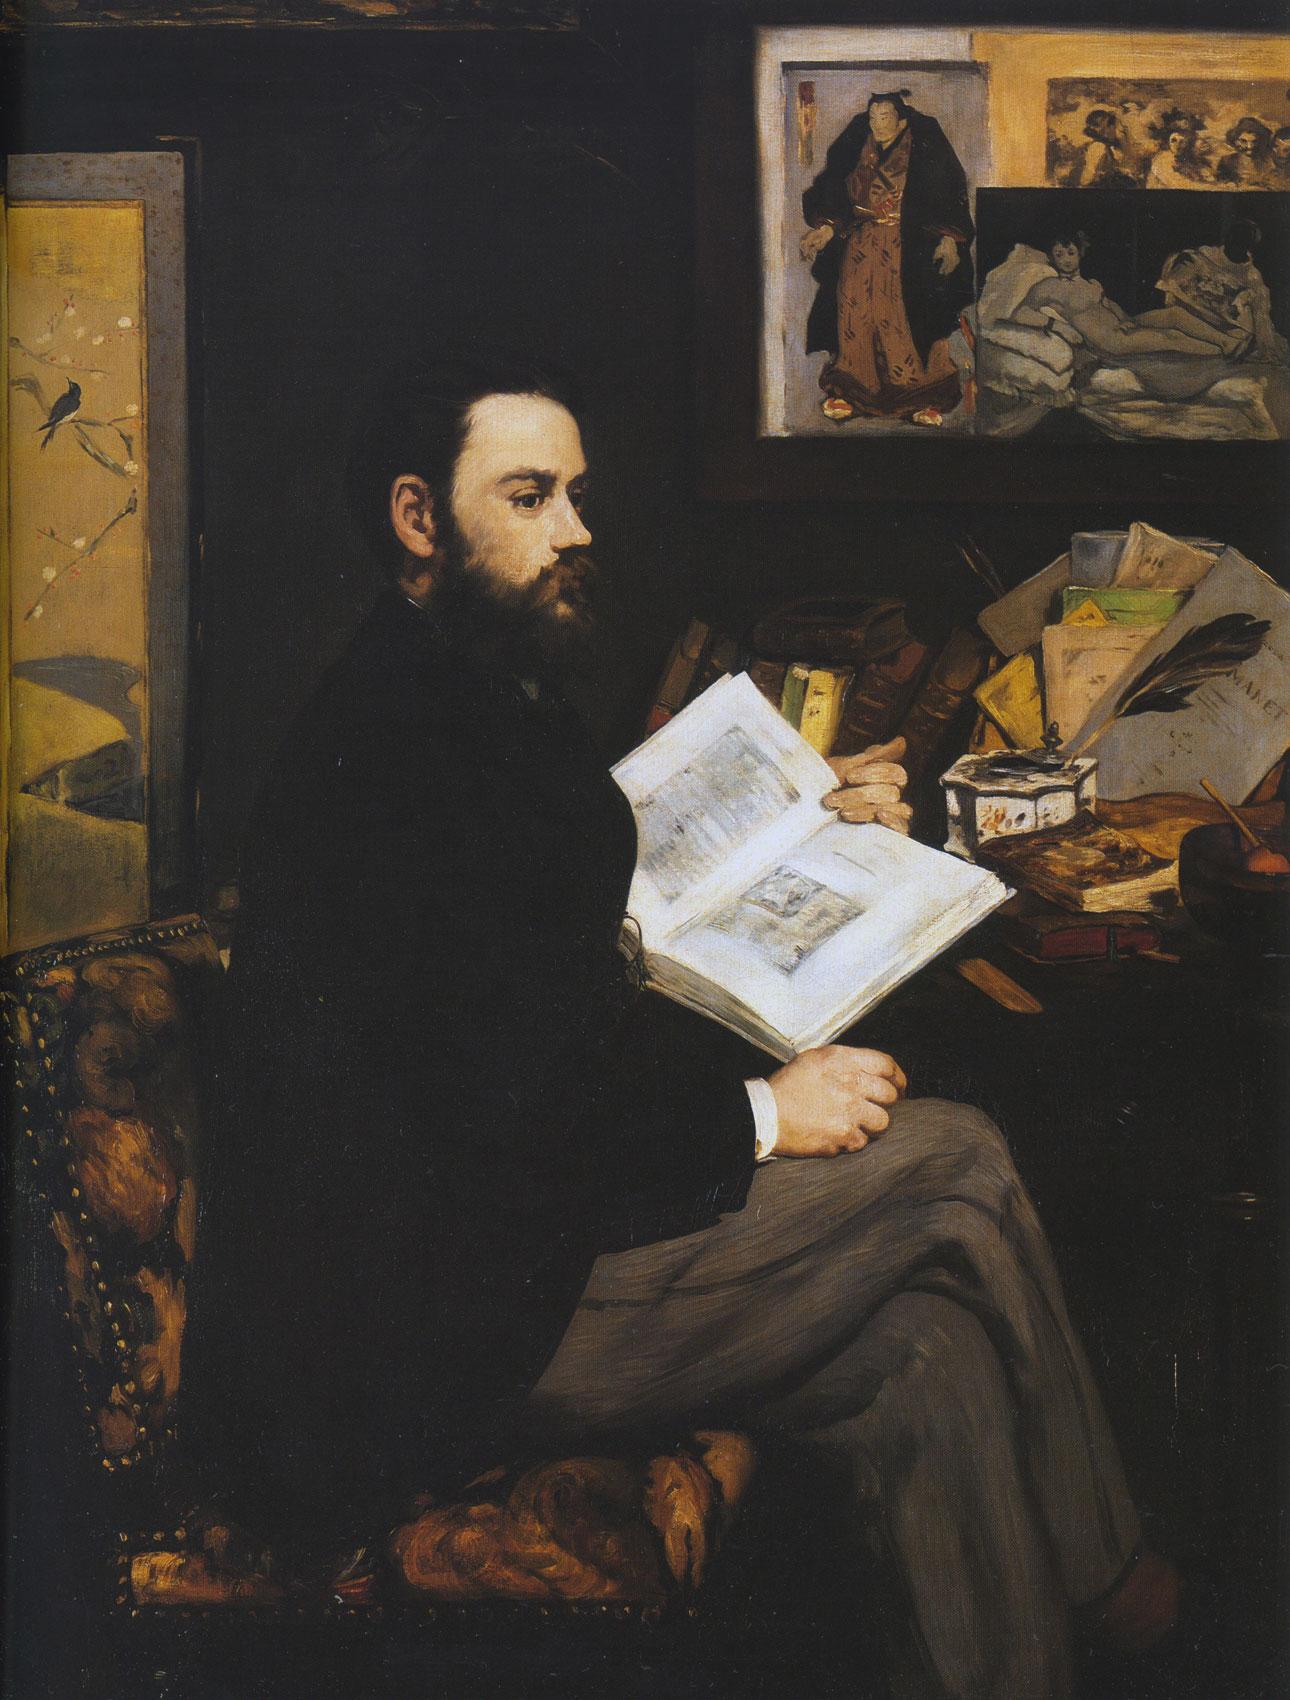 Ritratto di Emile Zola - Manet - 1868